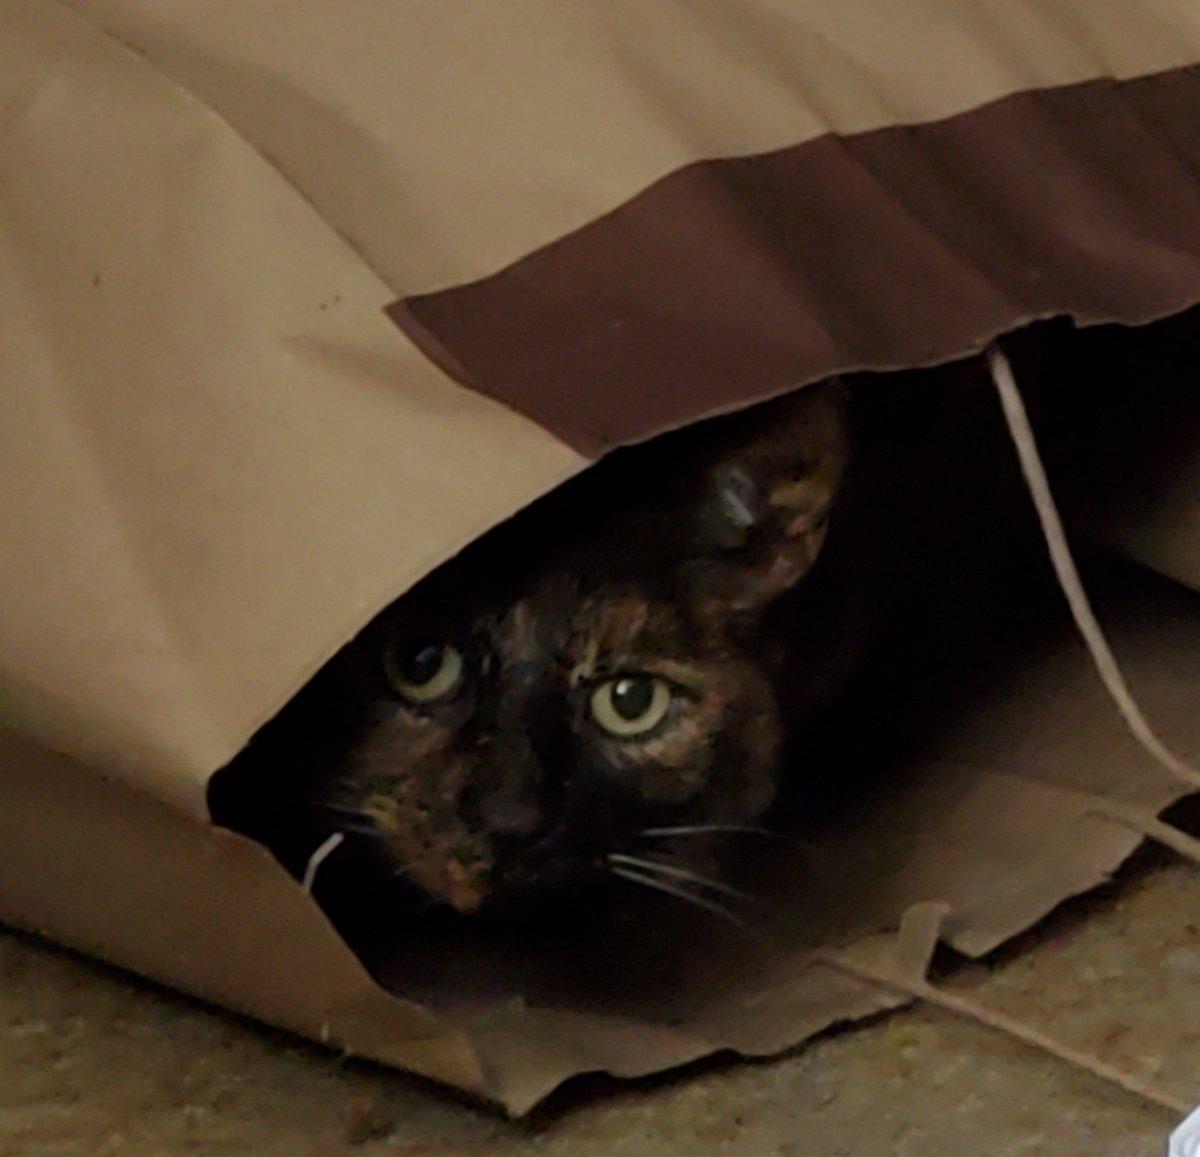 #Caturday peekings